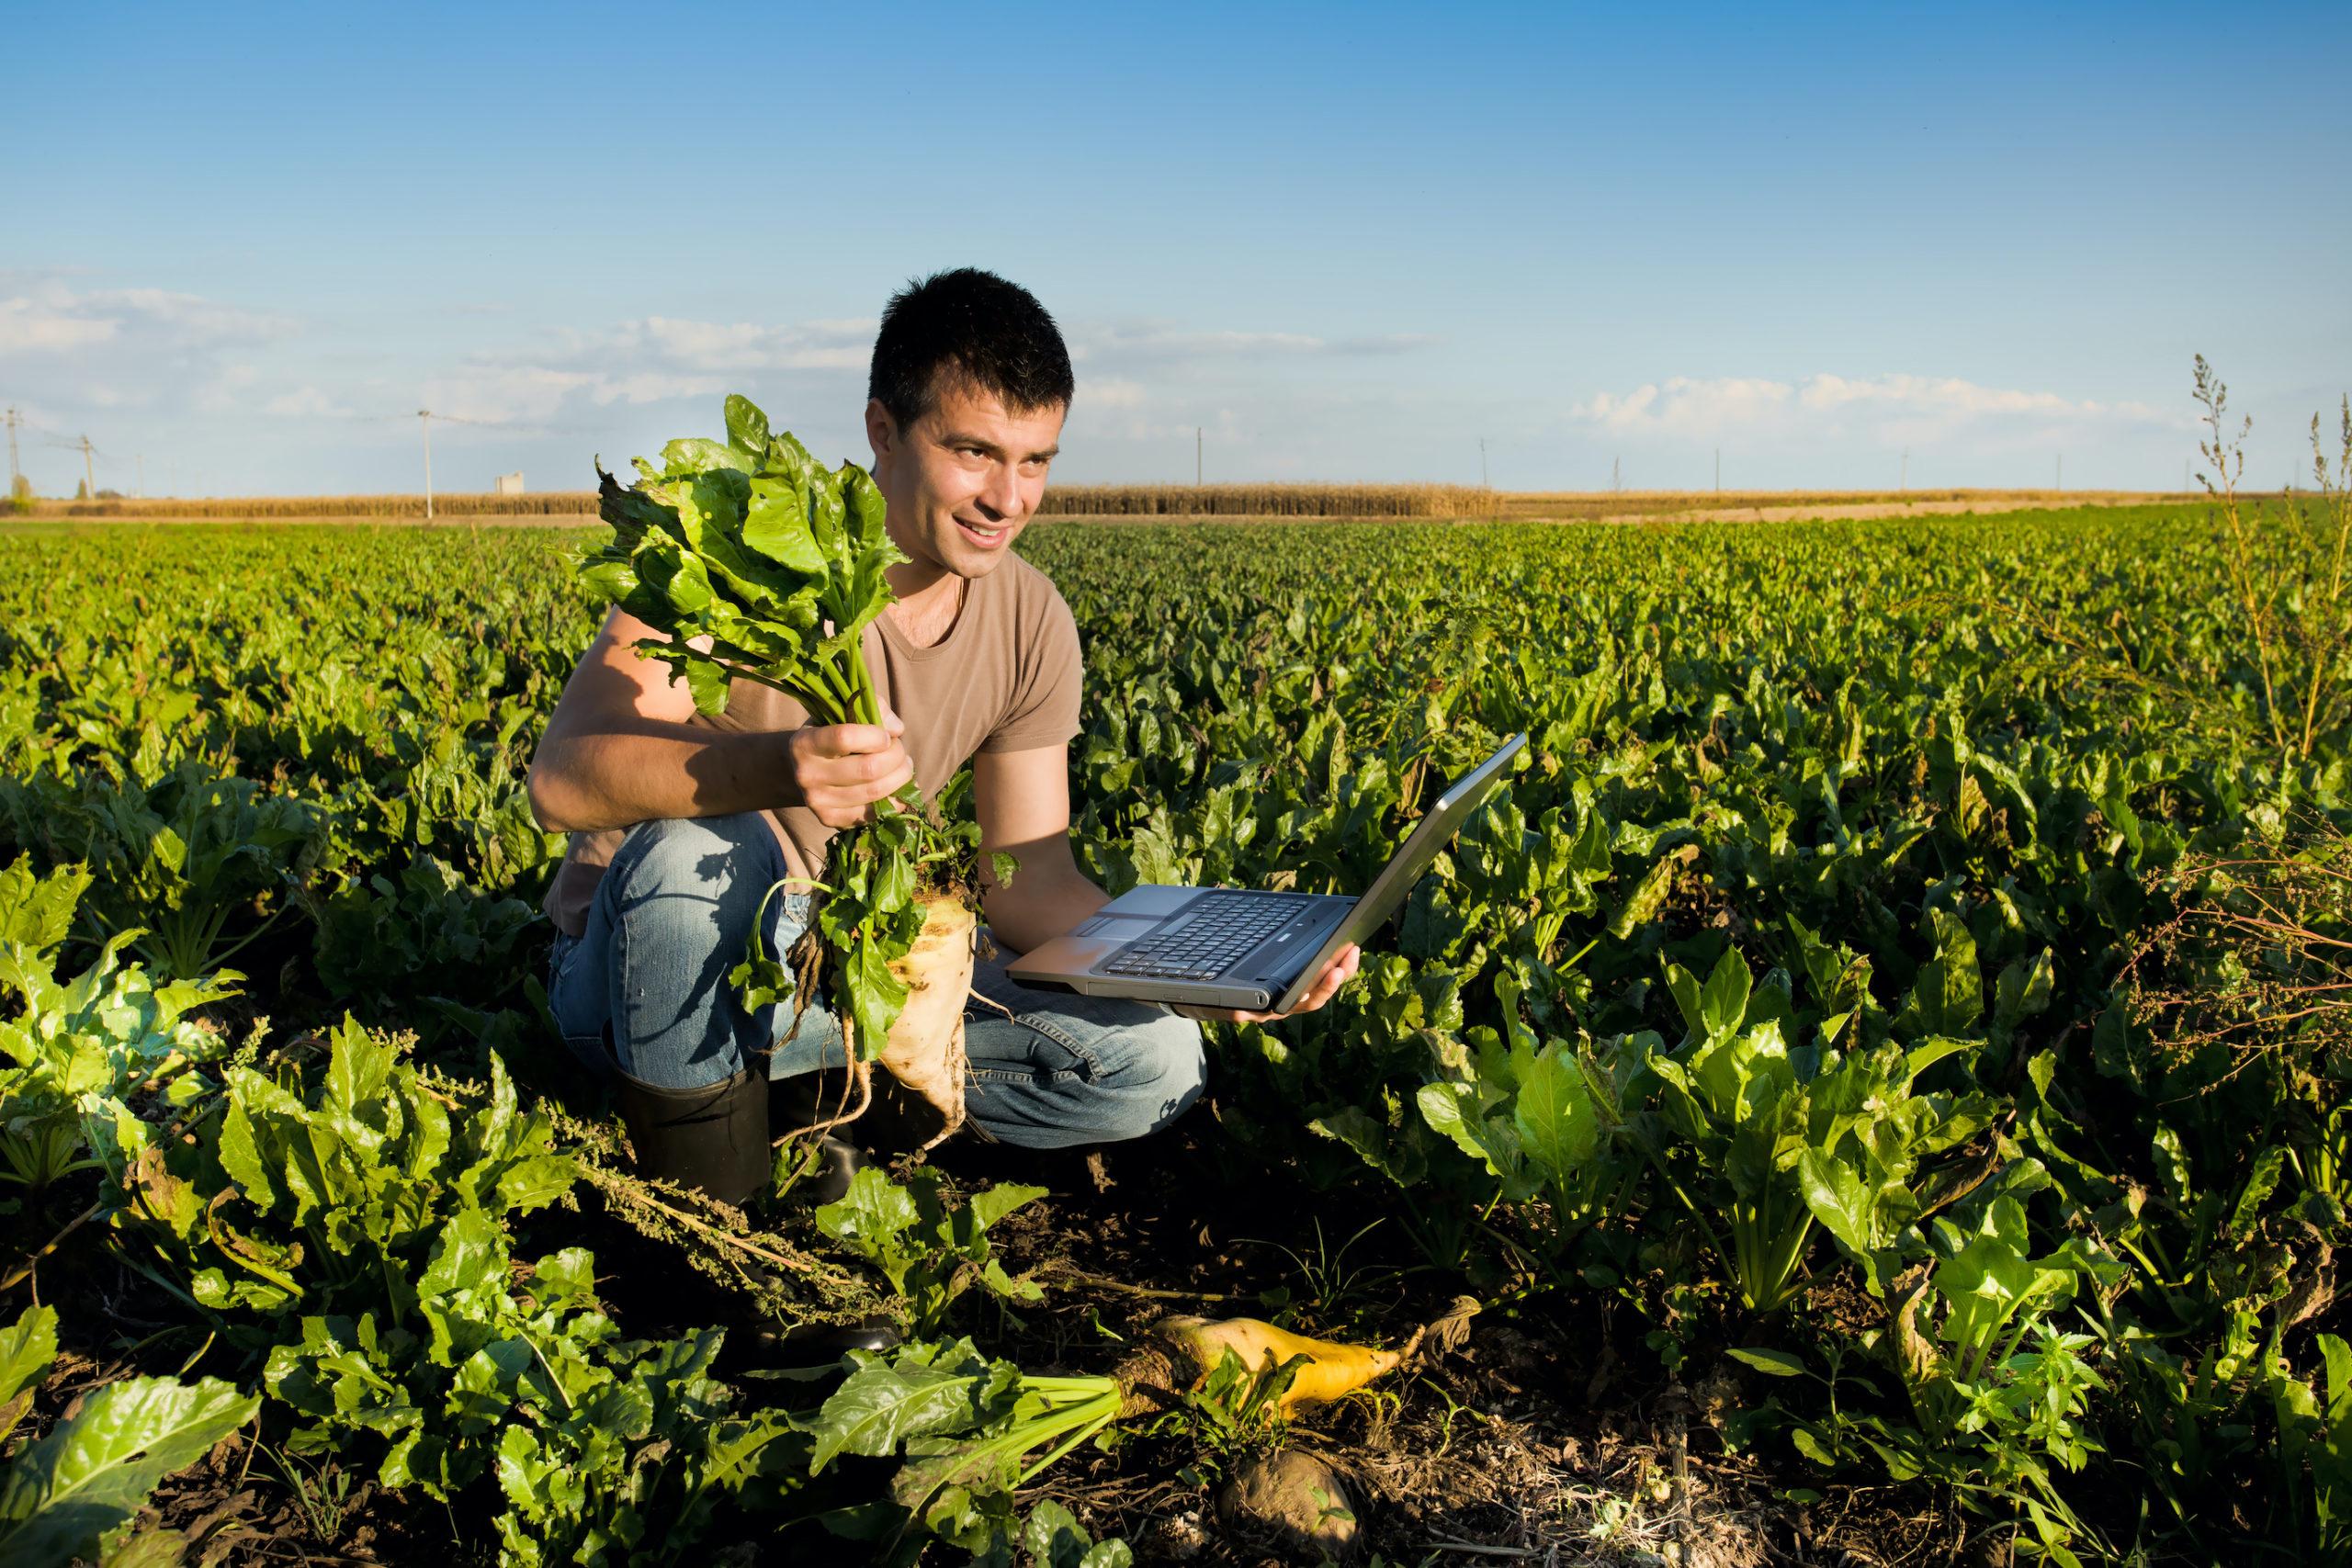 Farmer in sugar beet field